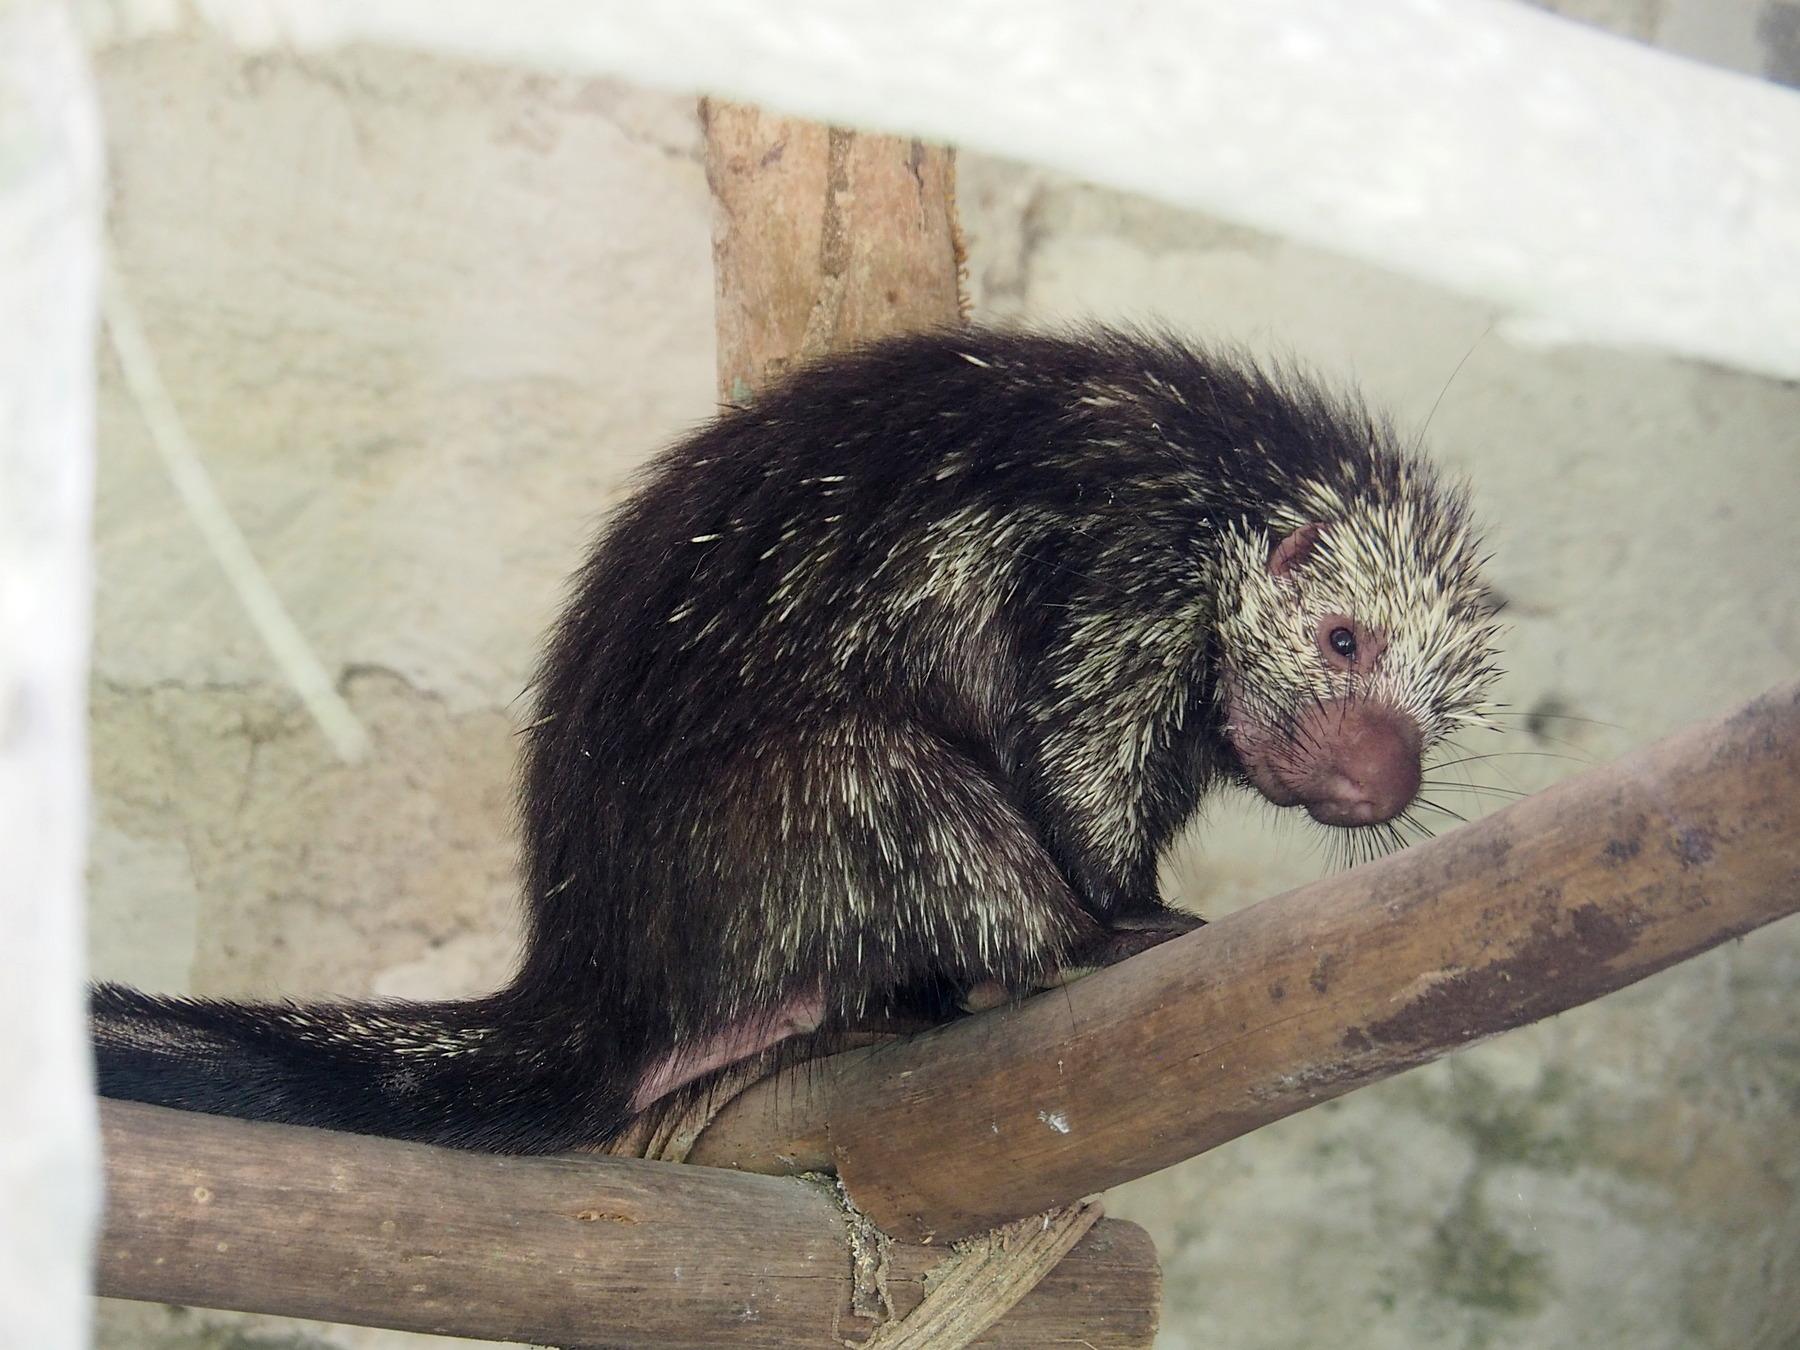 Merkwürdiges Tier in den Ruinen, vielleicht ein Baumstachler